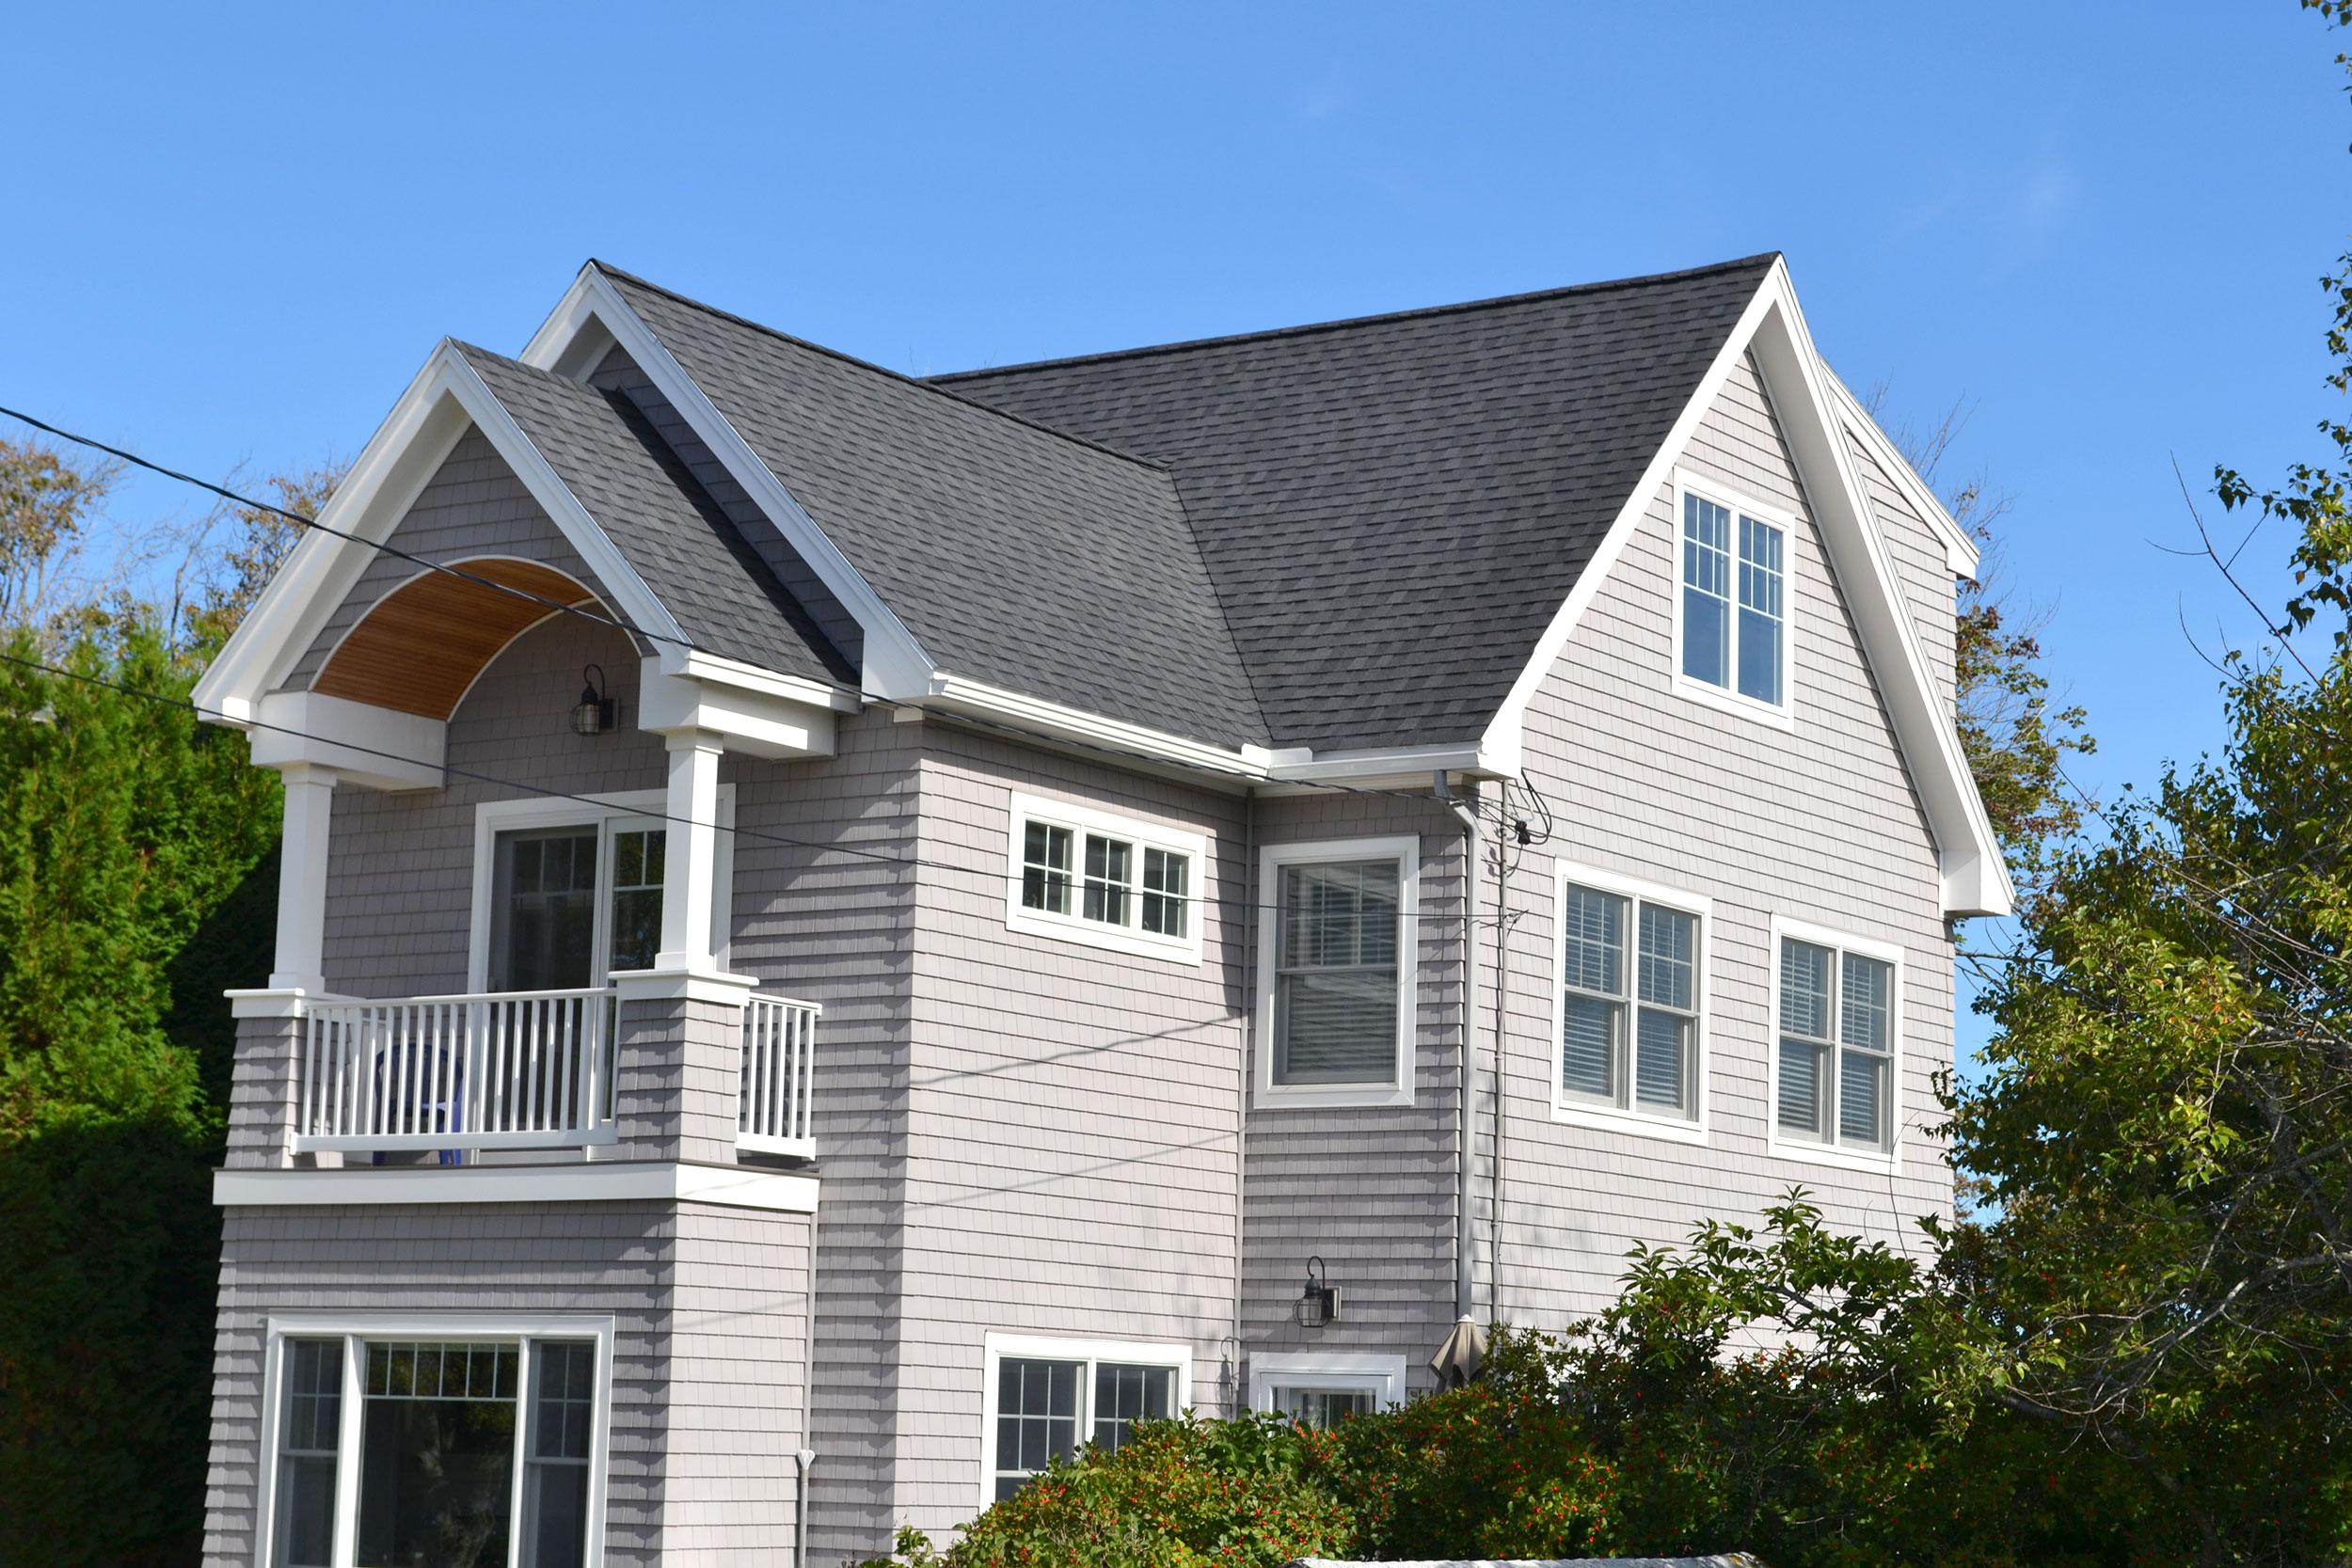 03_wells-exterior-roof.jpg